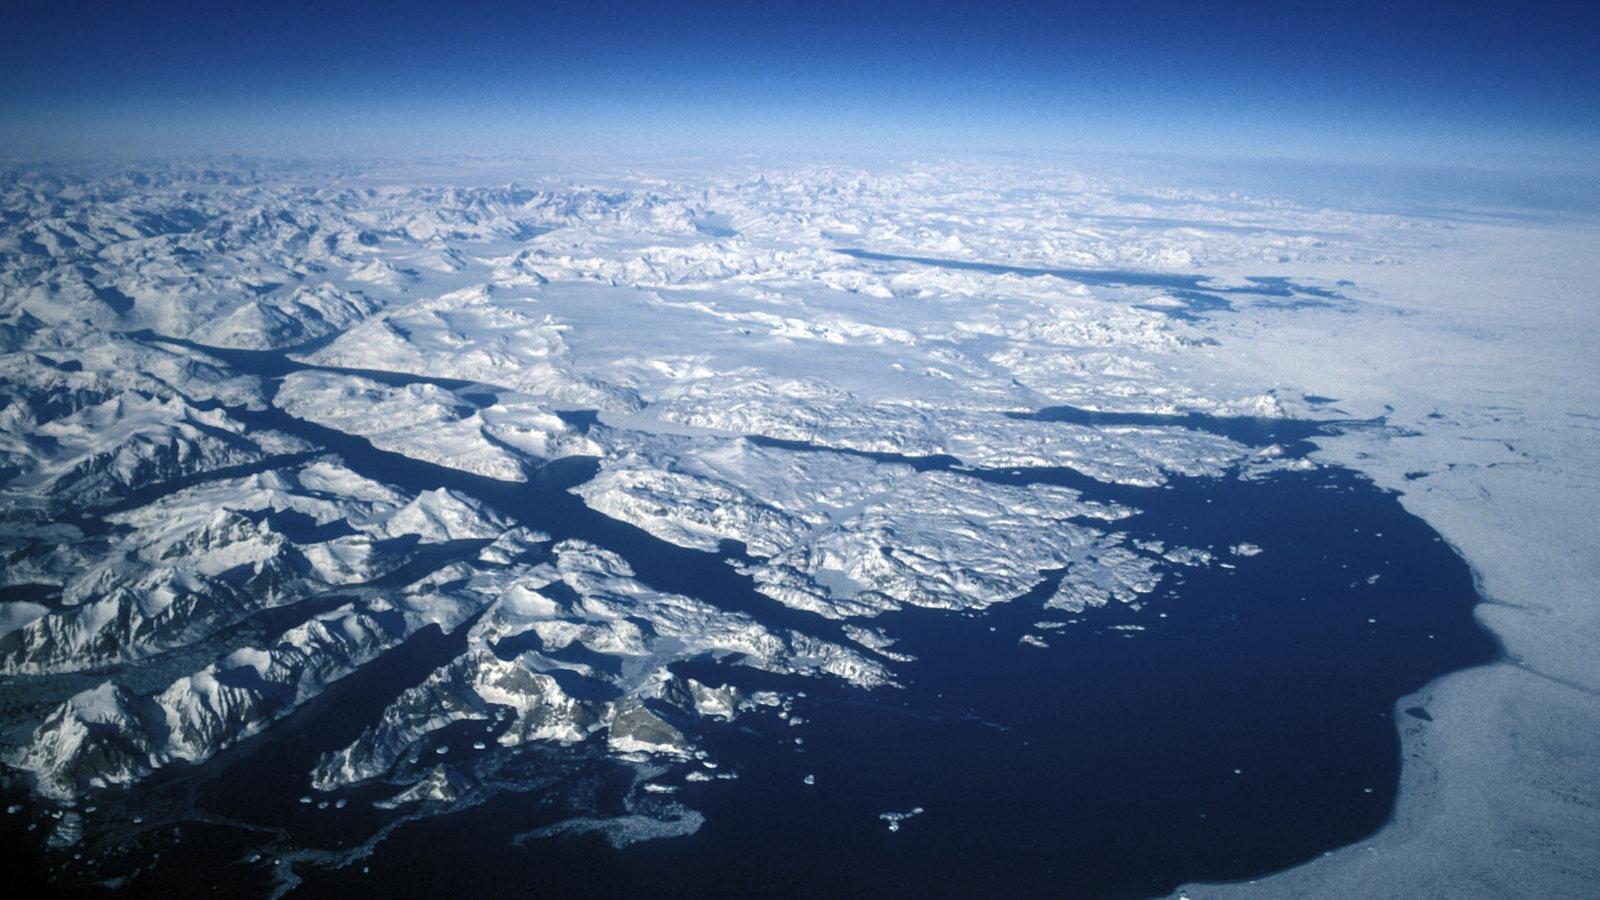 Als Brian Adams noch ein Baby war verließen seine Eltern Kivalina ein Dorf in dem damals rund 350 Inuit lebten Sie zogen nach Anchorage der größten Stadt Alaskas Als Teenager fühlte sich